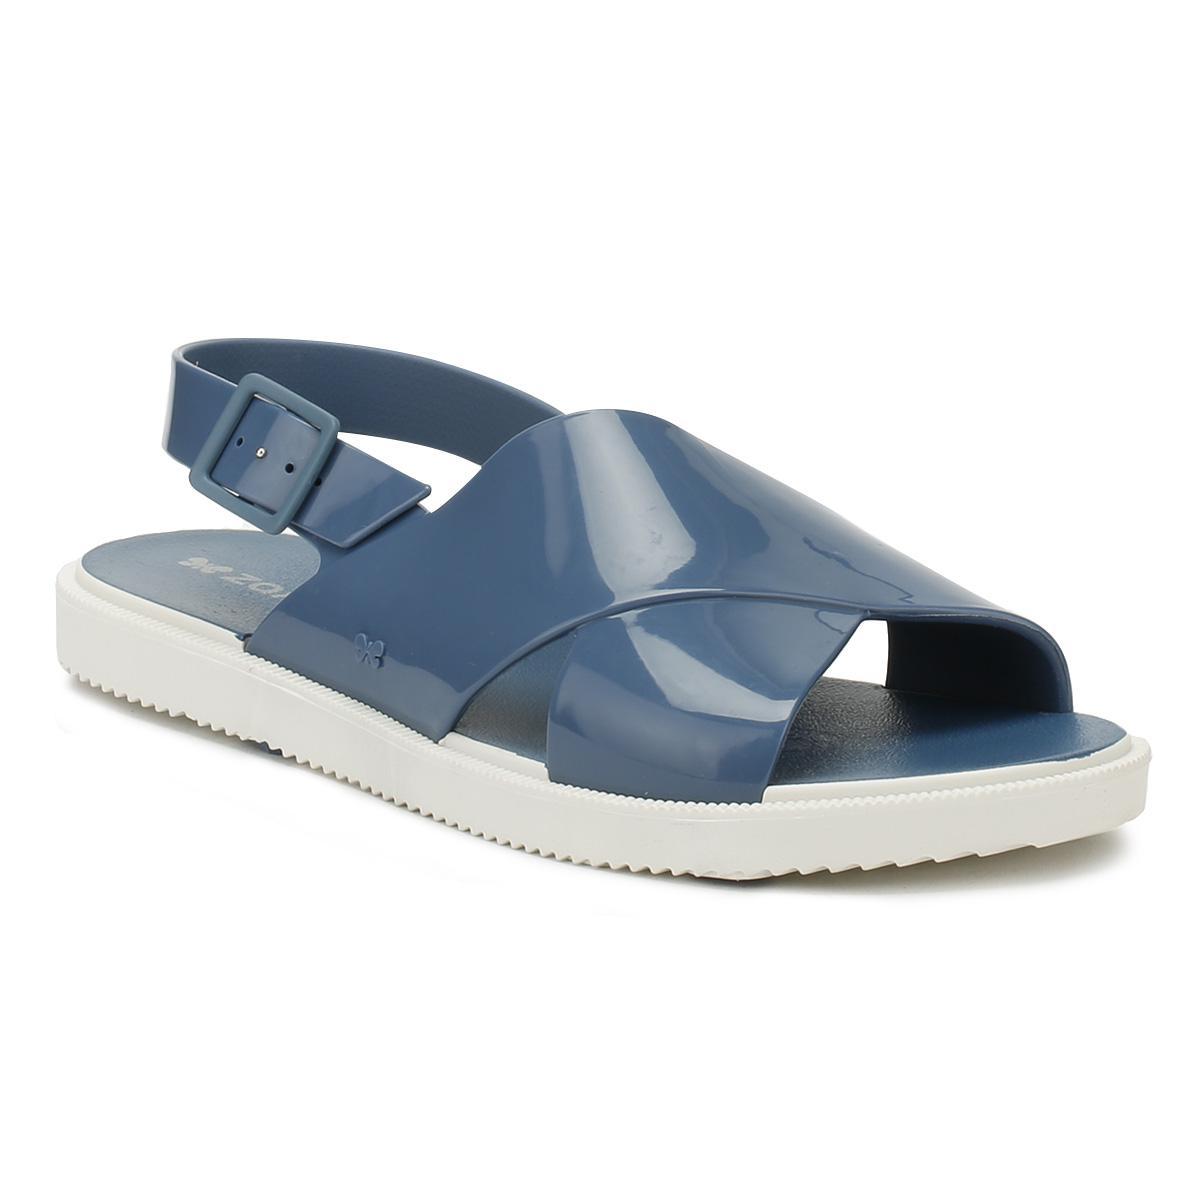 fffa4e64e5c6 Zaxy Womens Blue Match Sandals in Blue - Lyst